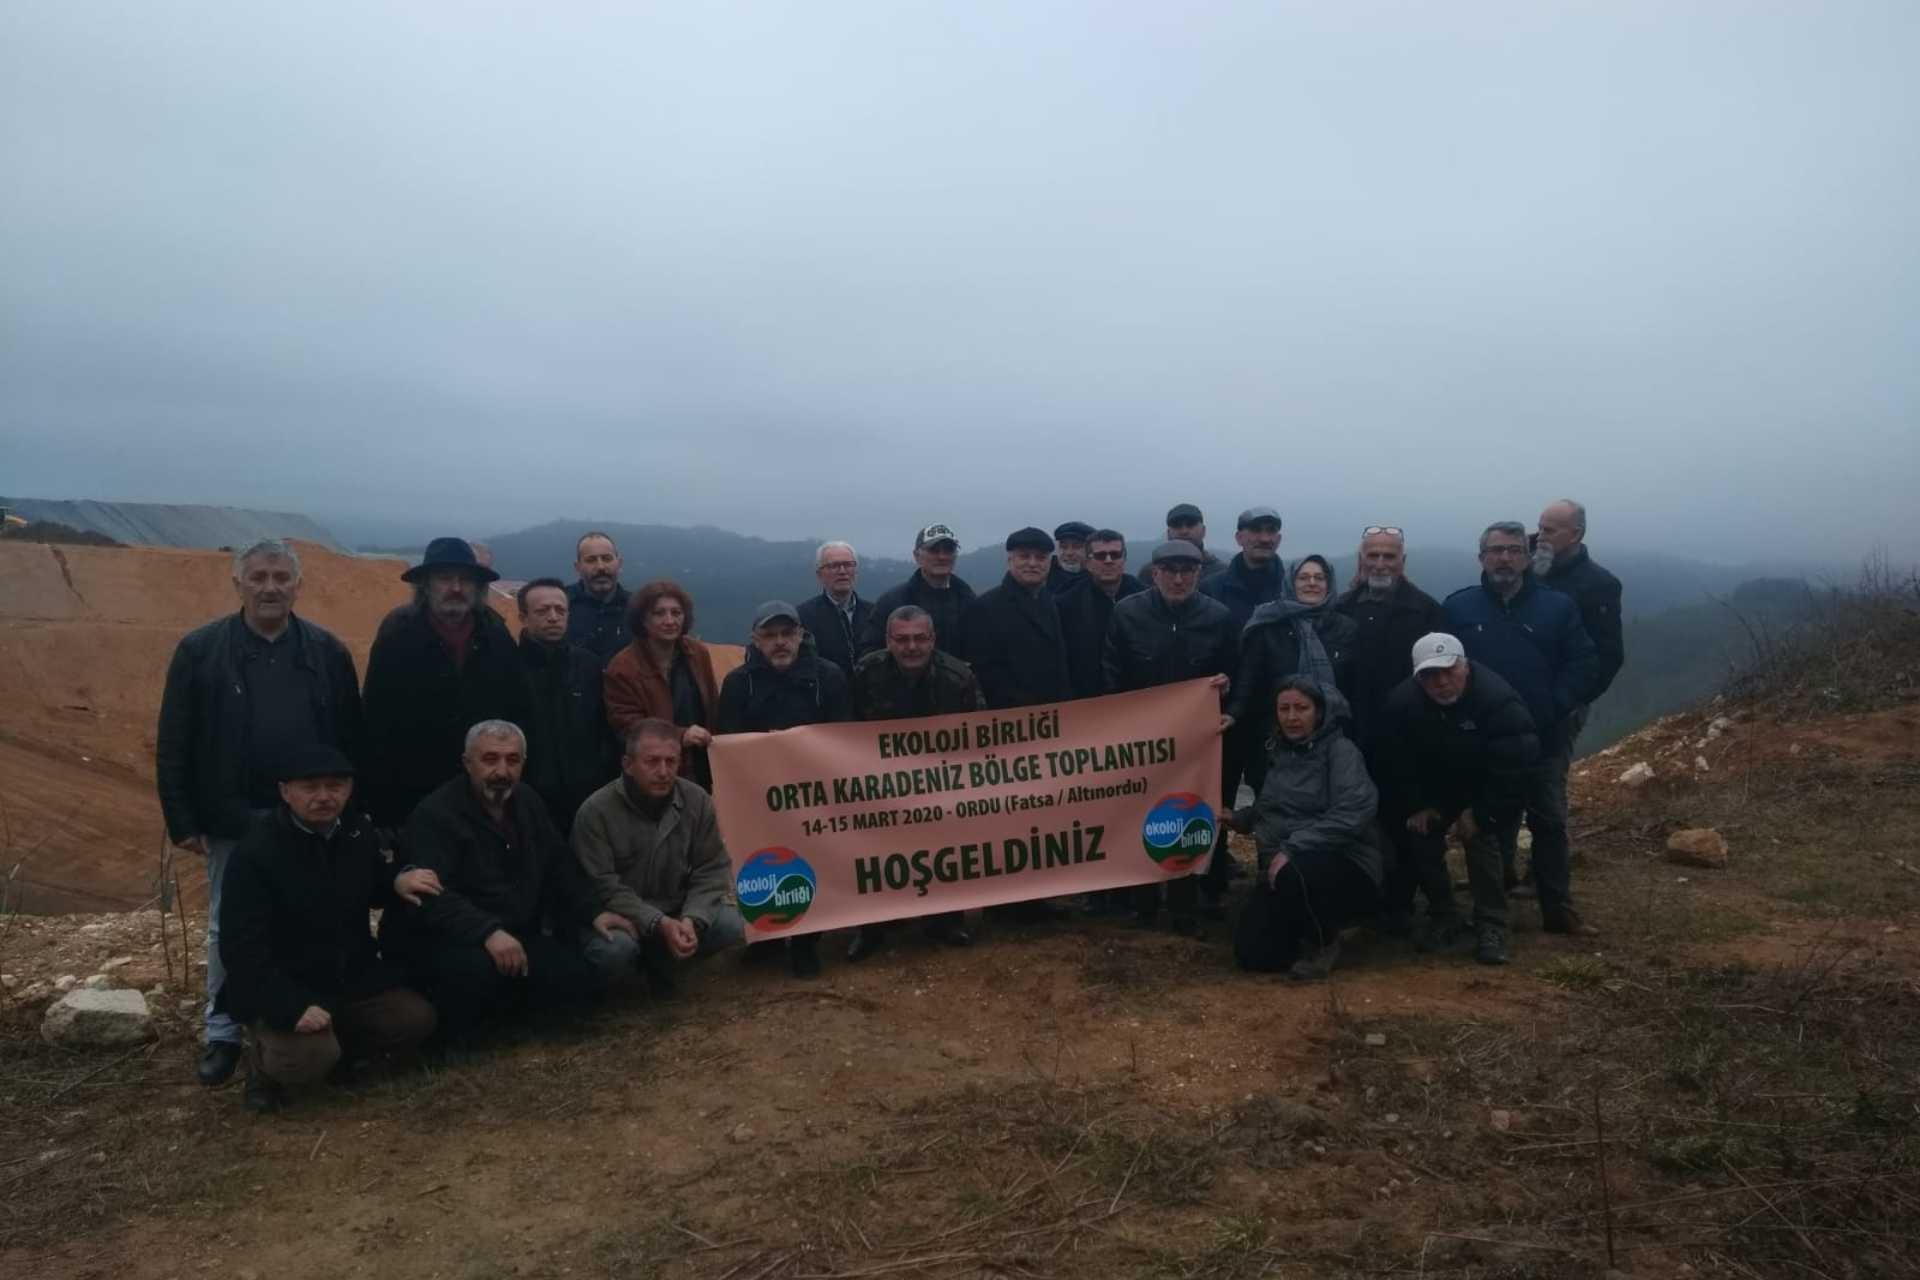 Ekoloji Birliği Orta Karadeniz Bölge Toplantısını Fatsa ve Altınordu'da gerçekleştirdi